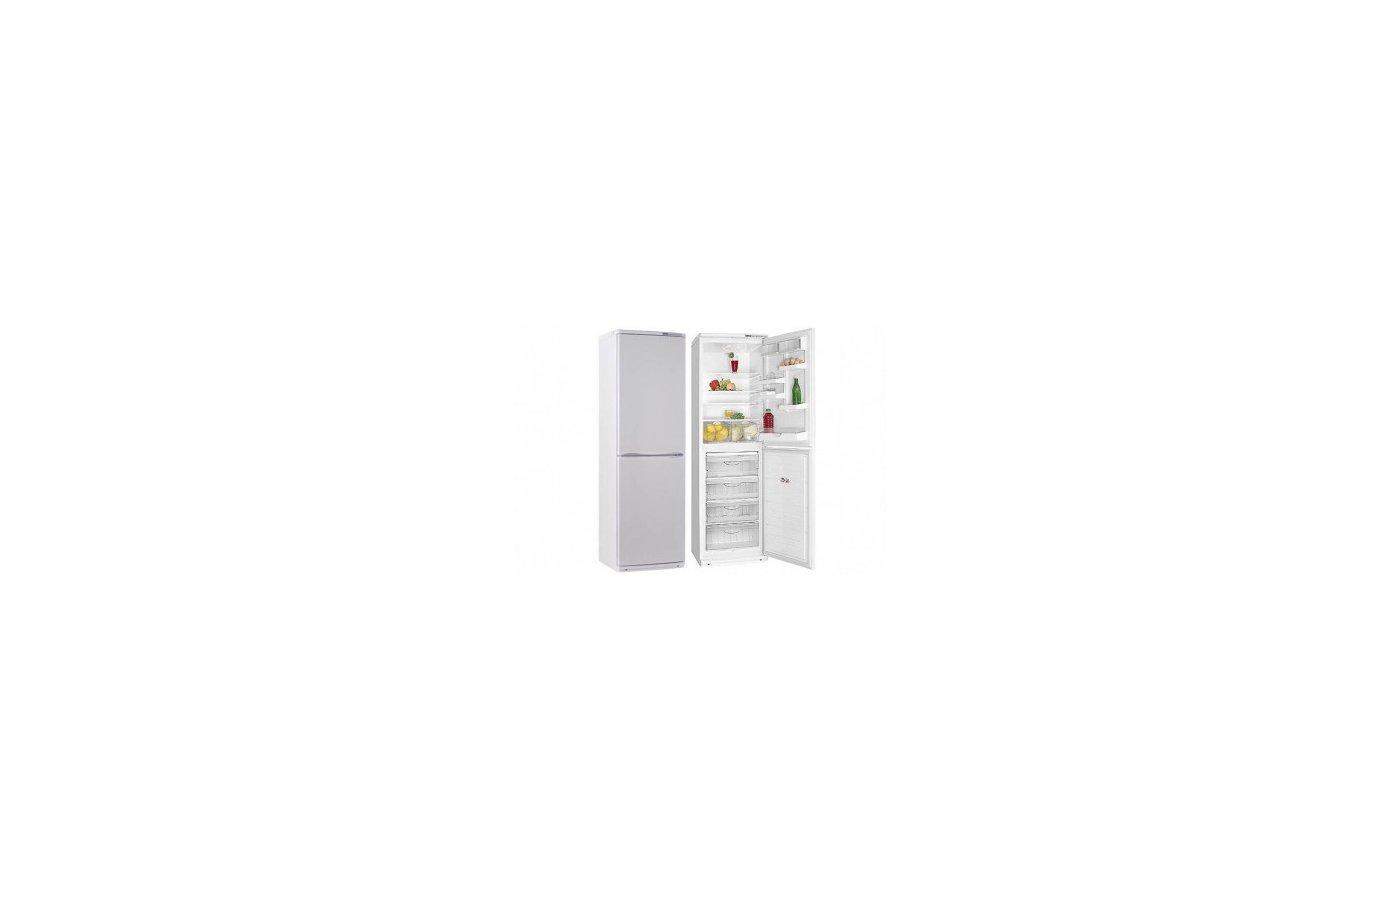 холодильник атлант инструкция перевесить дверь